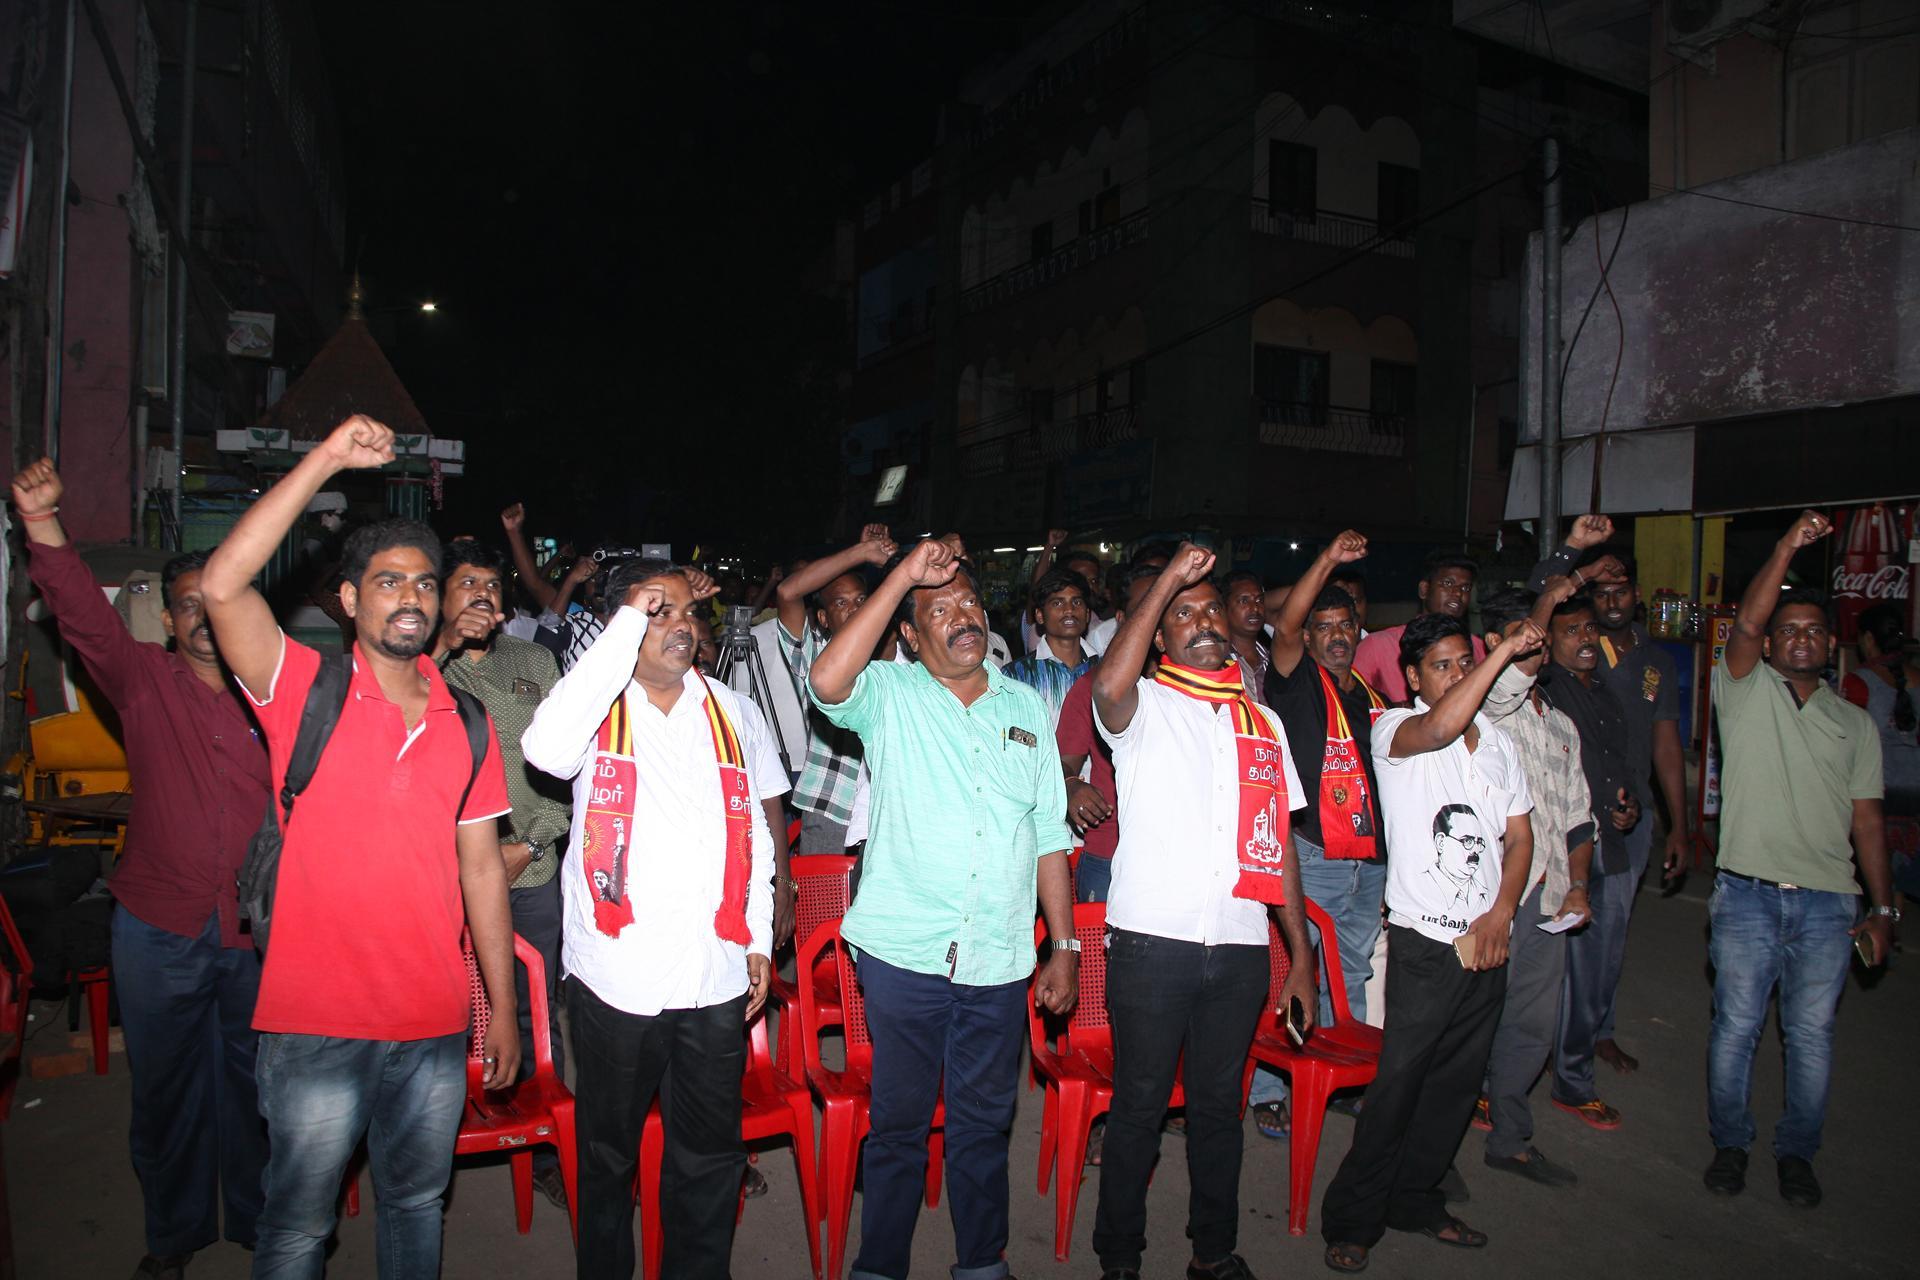 ஆர்.கே நகர் தேர்தல்: 07-12-2017 ஏழாம் நாள் வாக்கு சேகரிப்பு மற்றும் தெருமுனைக்கூட்டம்